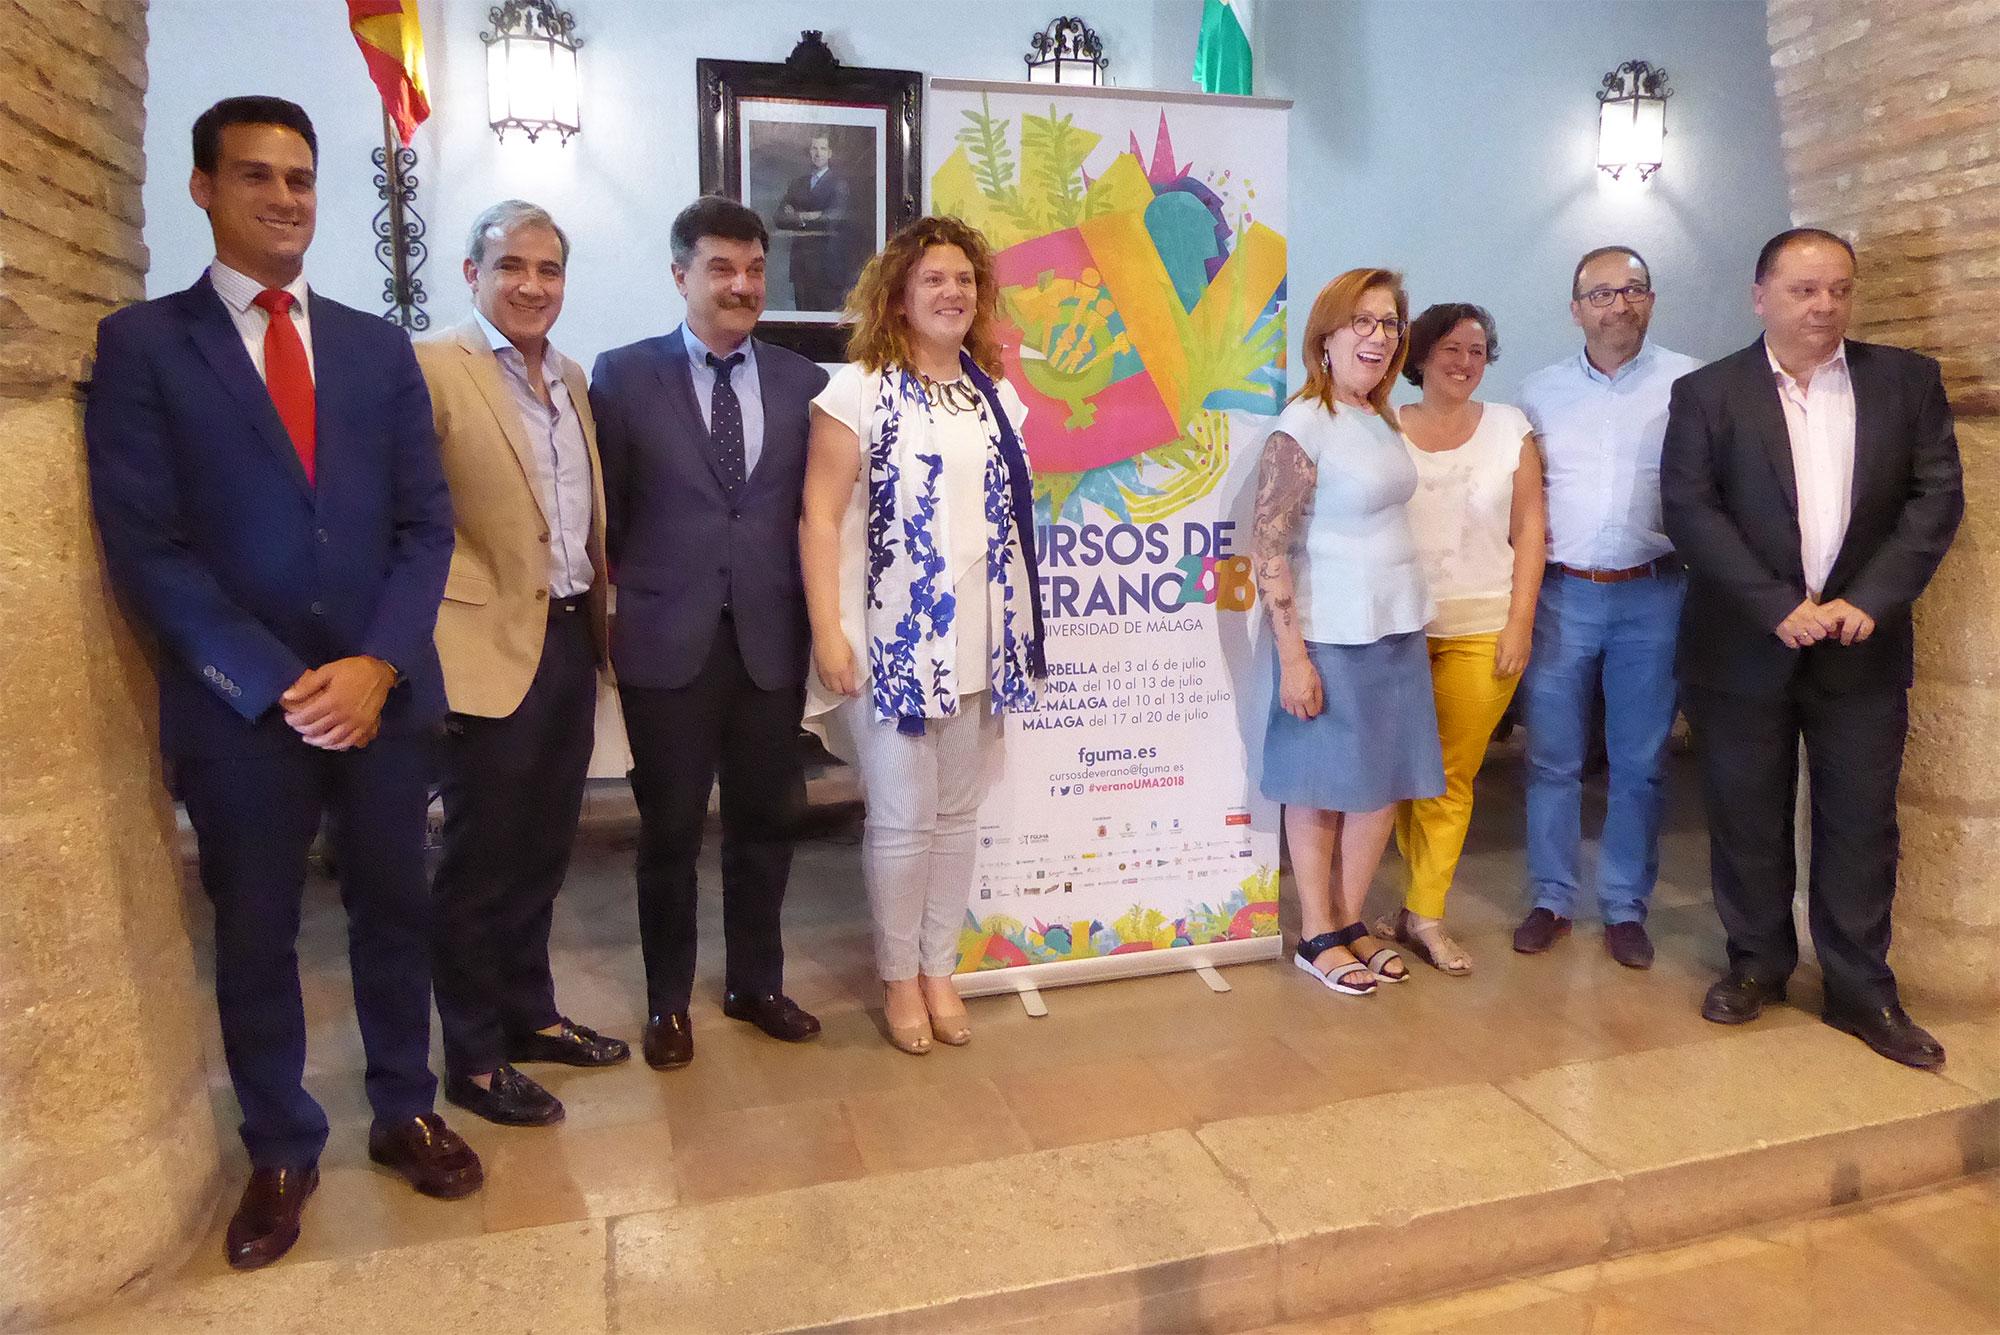 Inteligencia artificial, periodismo y la Asamblea Andalucista se citan en los cursos de verano de la UMA en Ronda